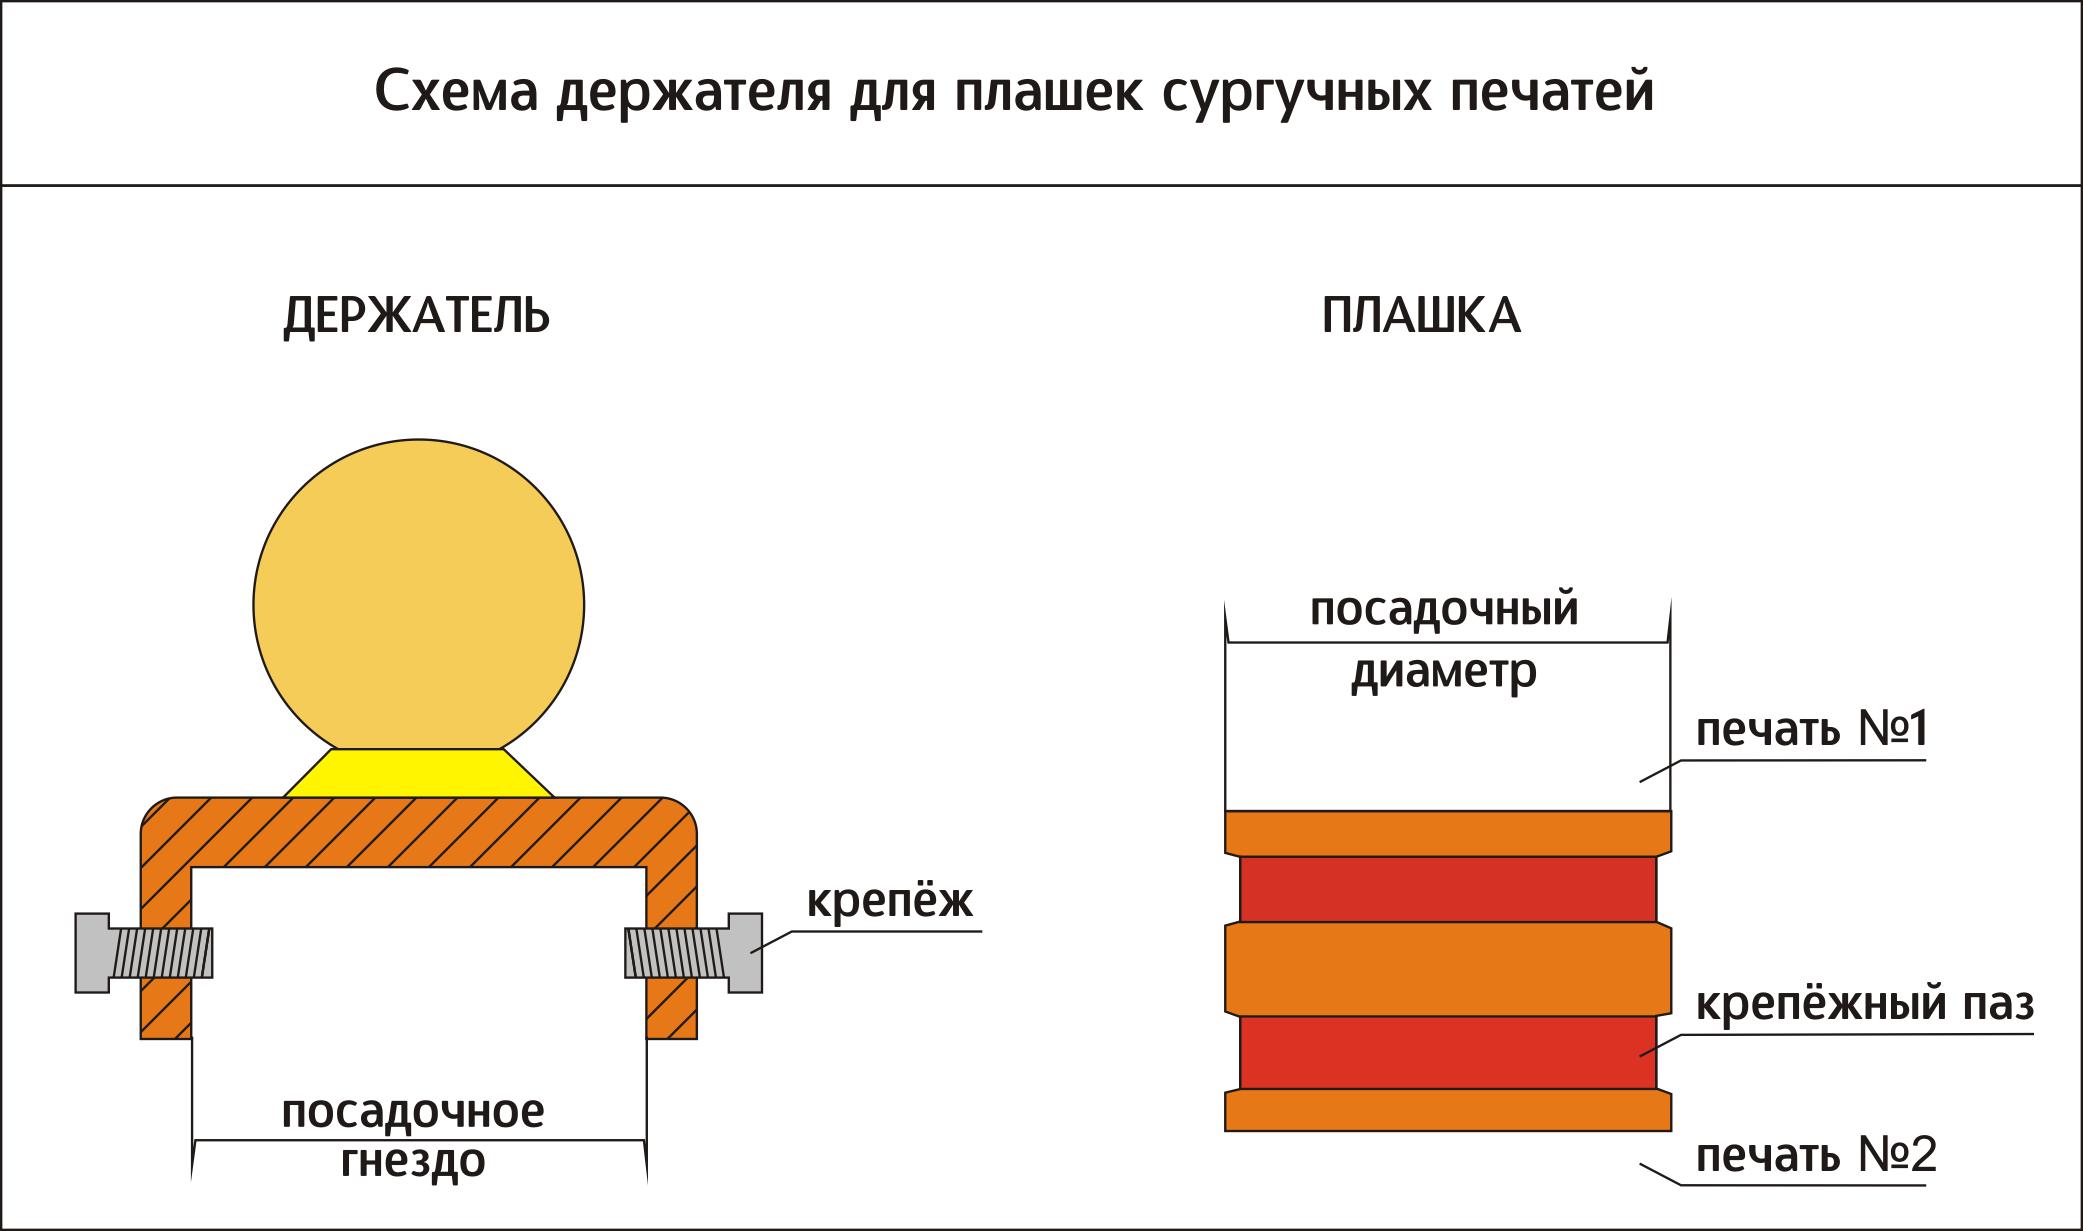 Схема держателя для сургучных печатей